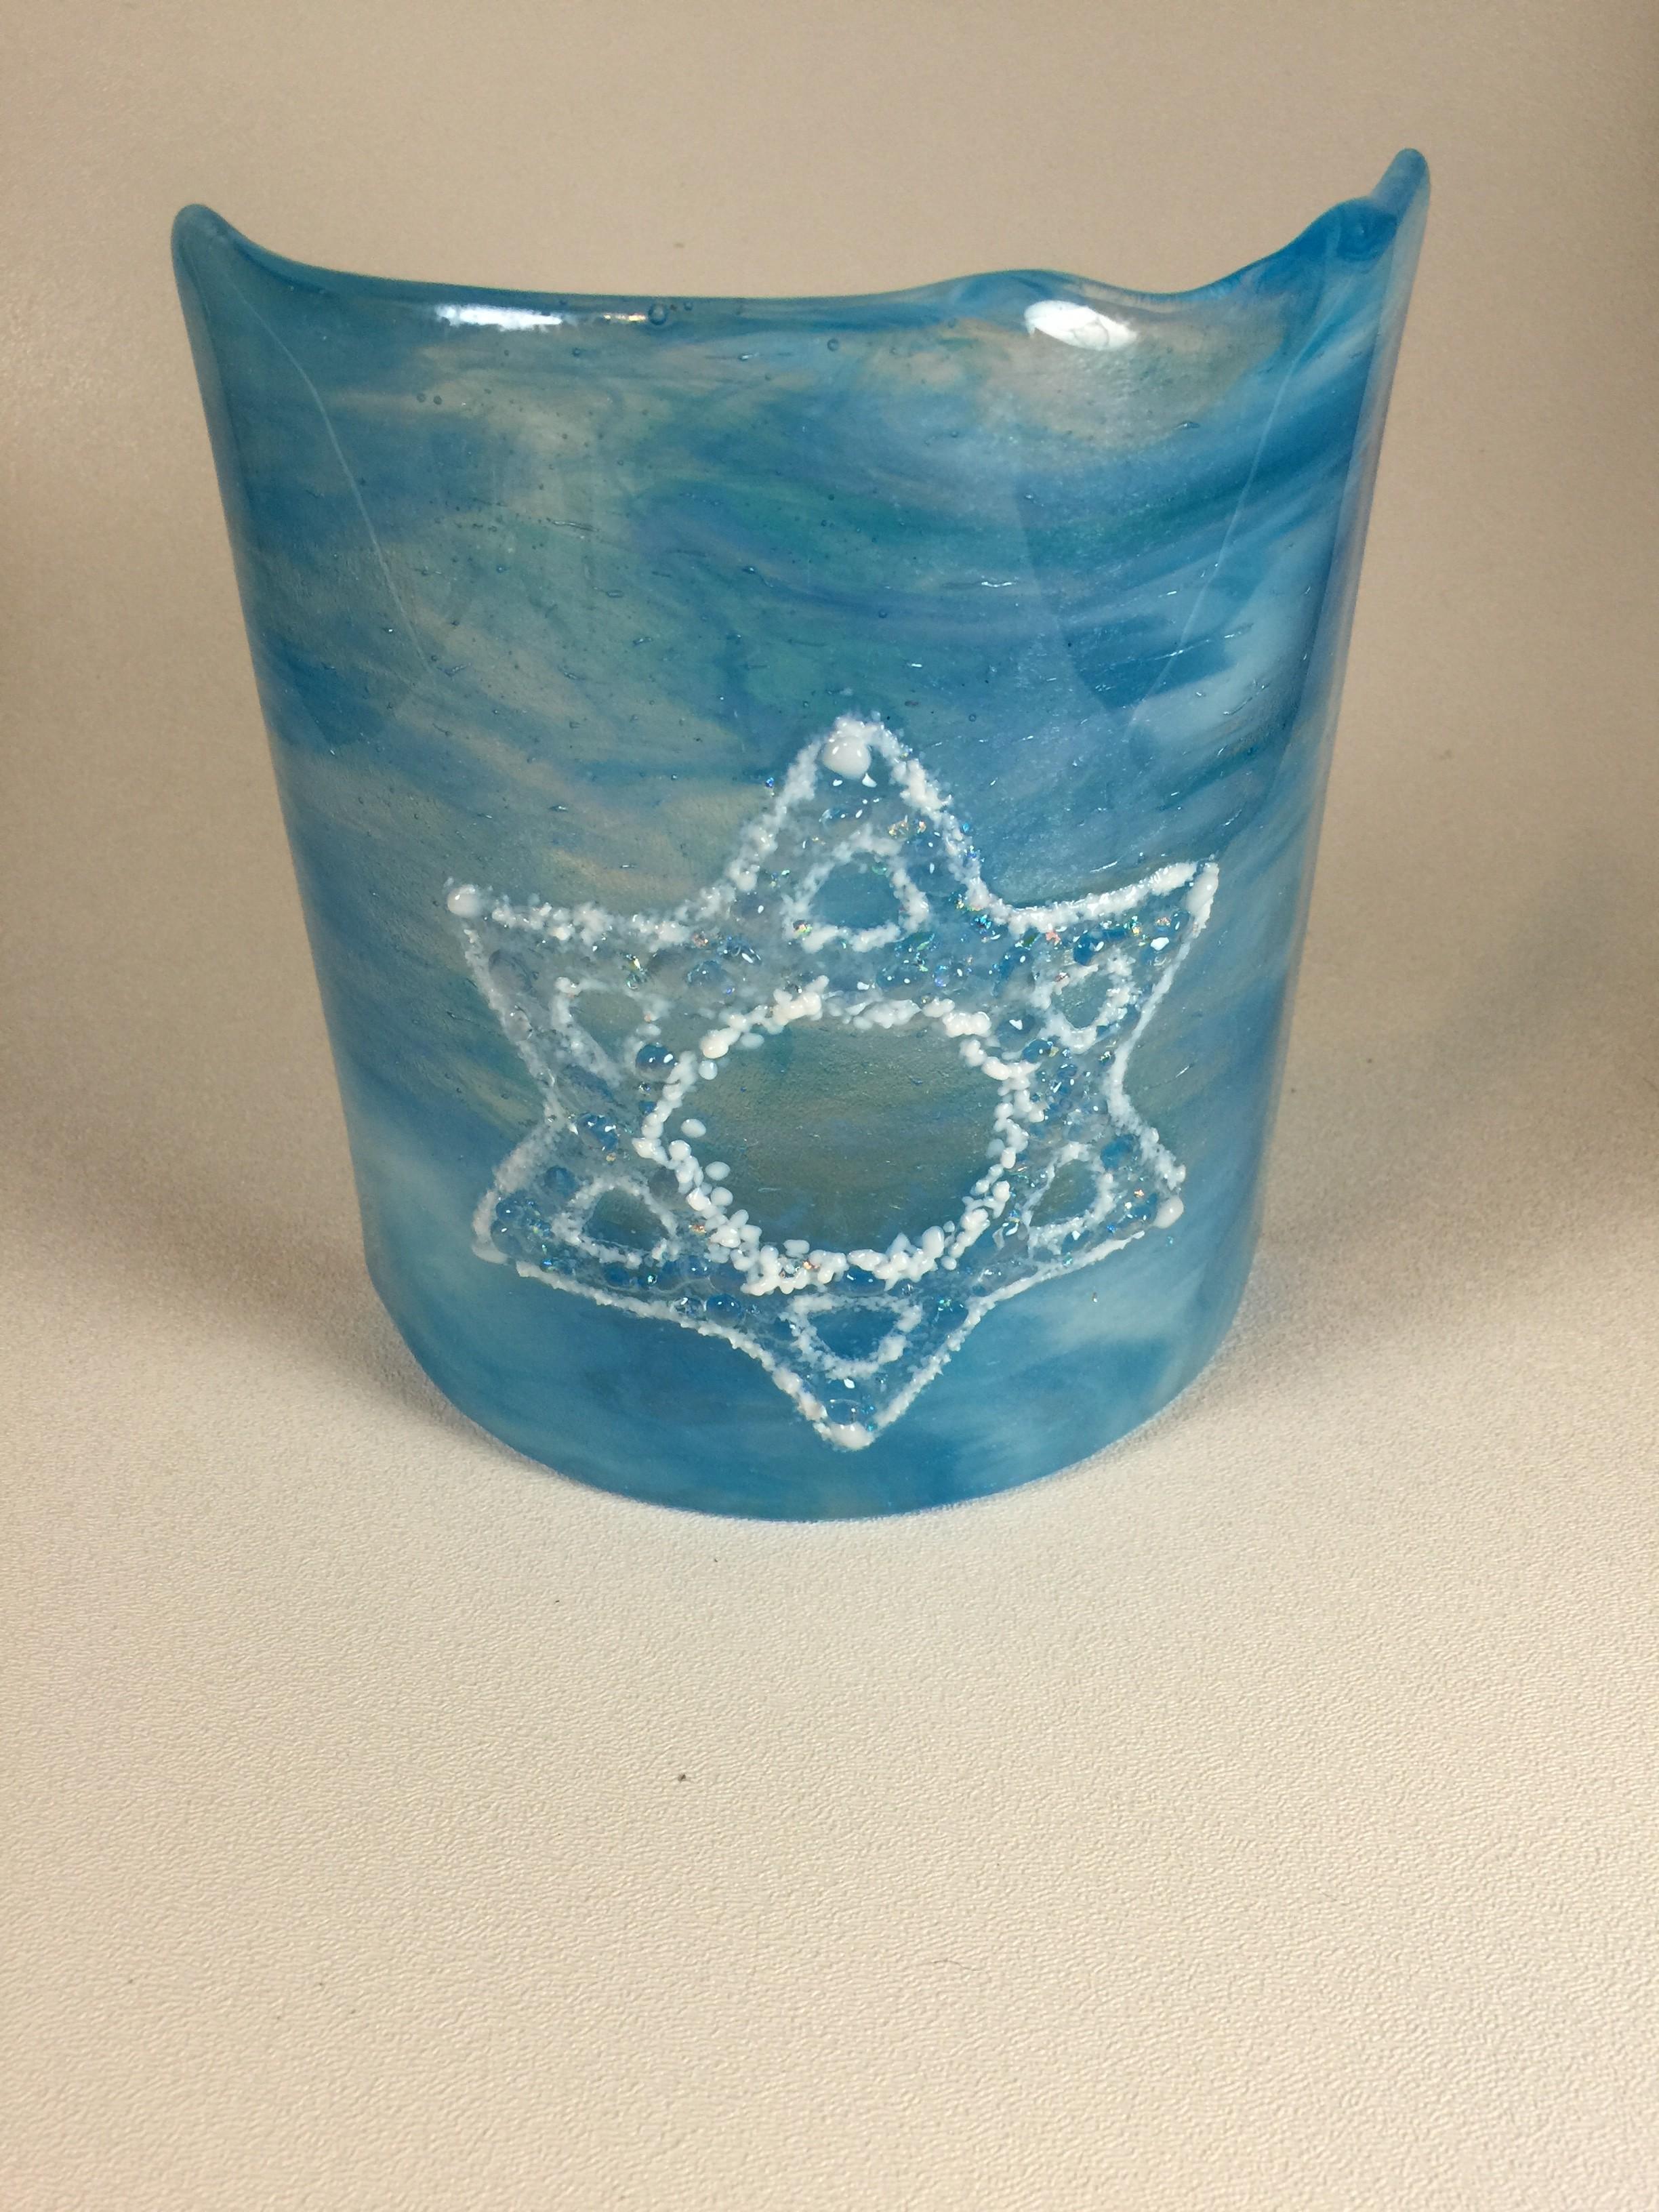 Happy Hanukkah - December 16th - December 24th